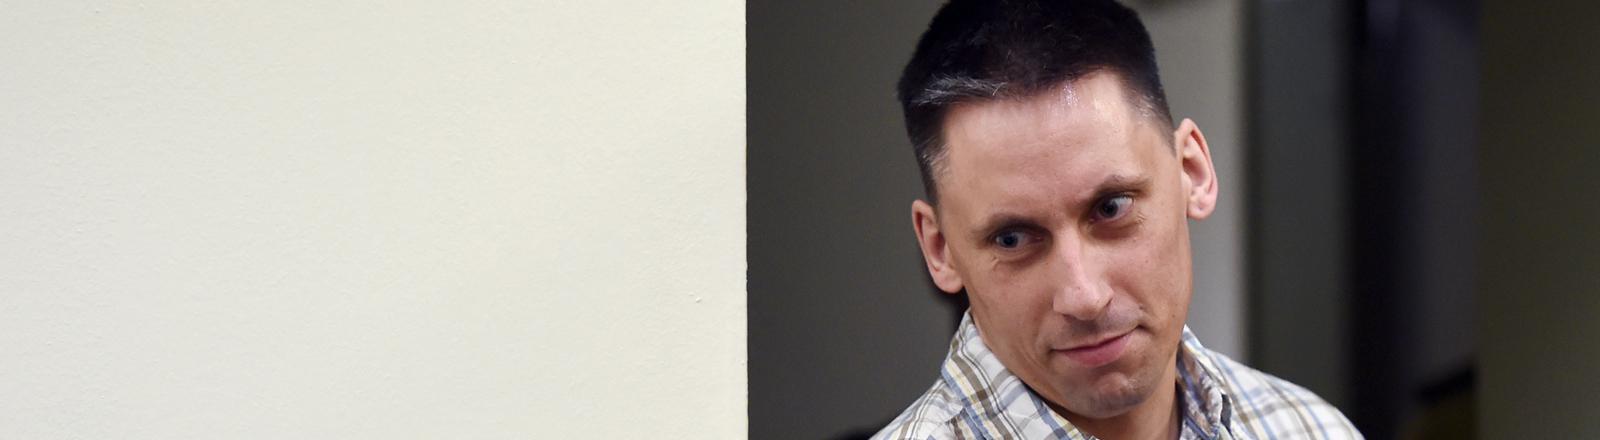 Der Angeklagte Ralf Wohlleben kommt am 14.07.2015 in den Gerichtssaal im Oberlandesgericht in München (Bayern).